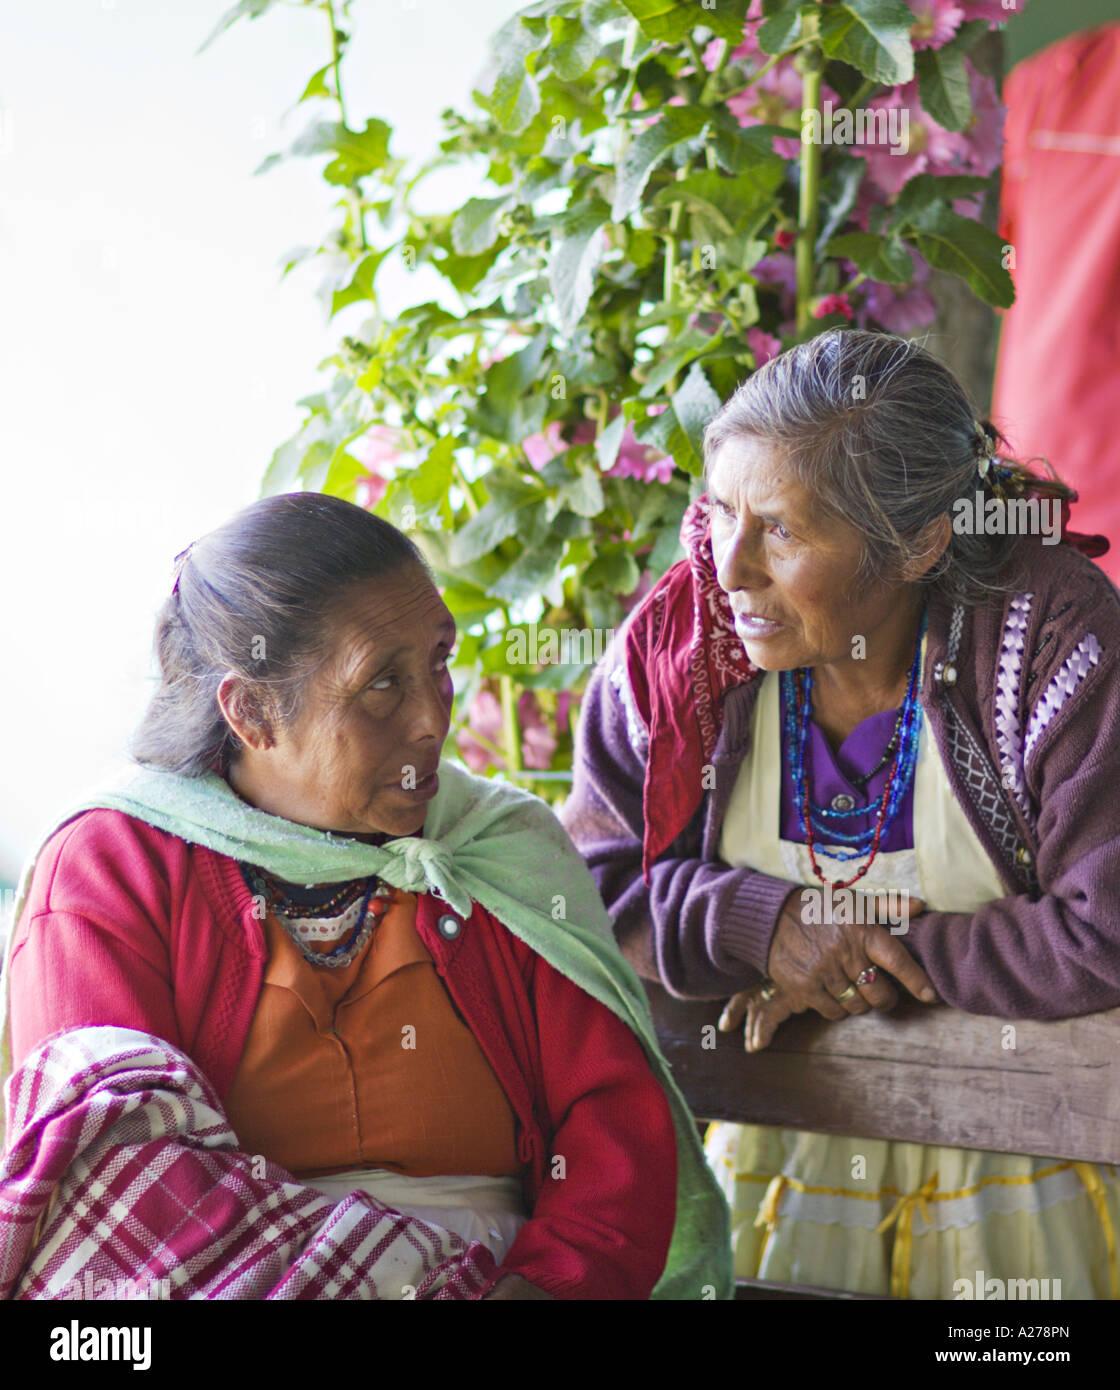 7aa68f1d36265 GUATEMALA CAPELLANIA indígenas maya Quiche mujeres en coloridos mantones y  delantales tradicionales hablar Imagen De Stock